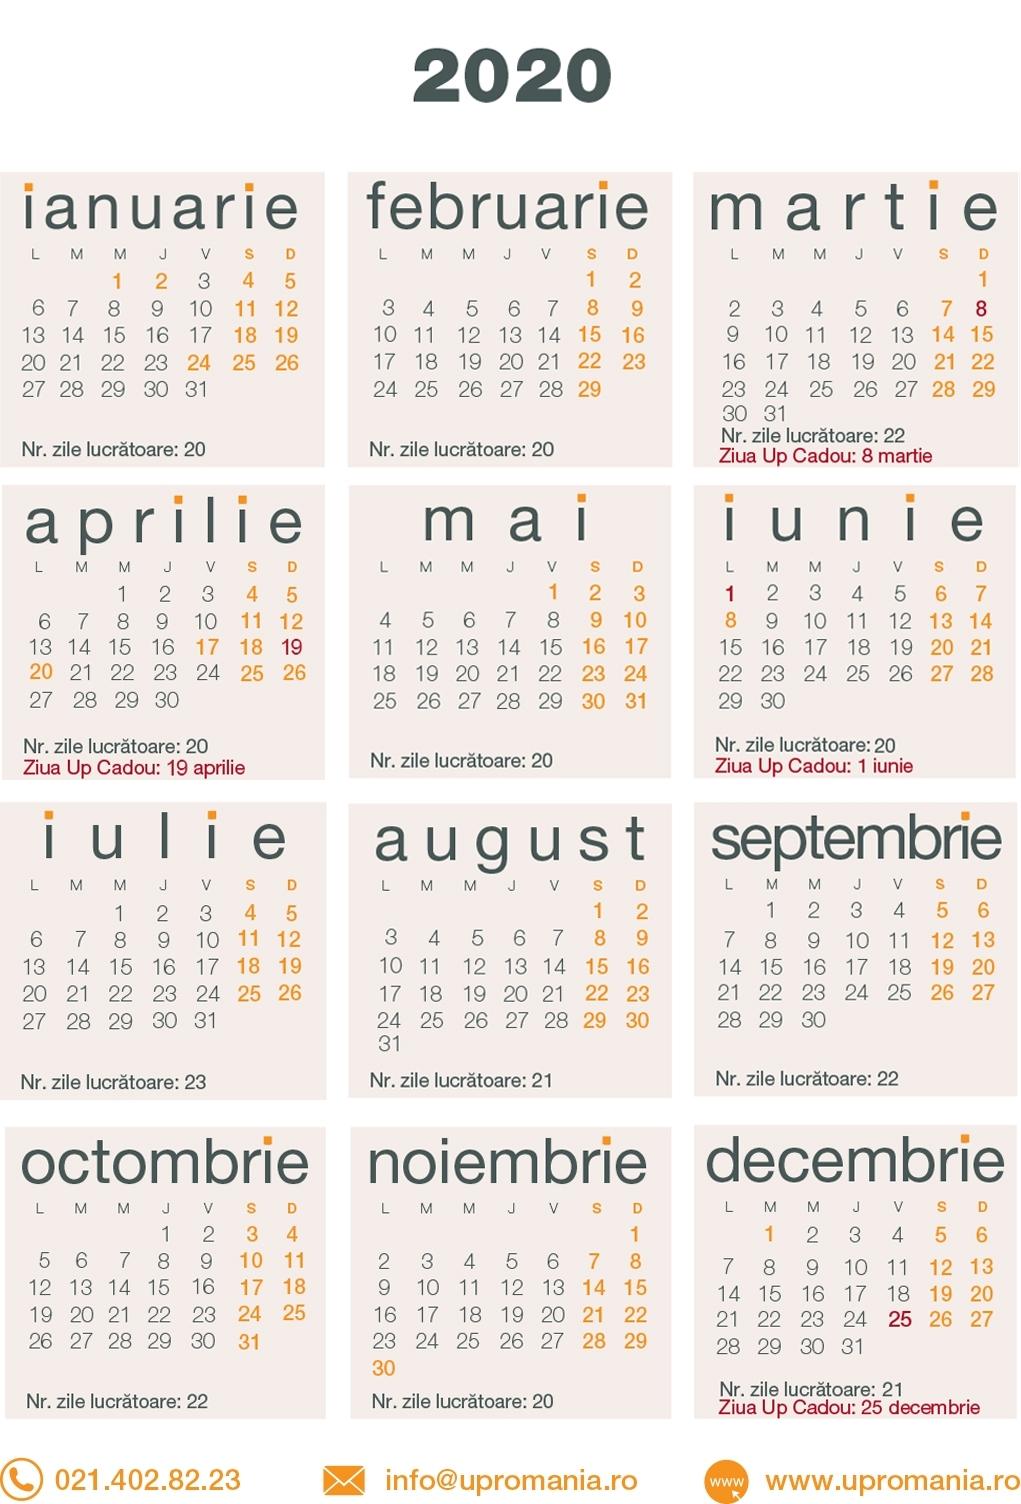 Calendar Zile Lucratoare 2020 | Up Romania